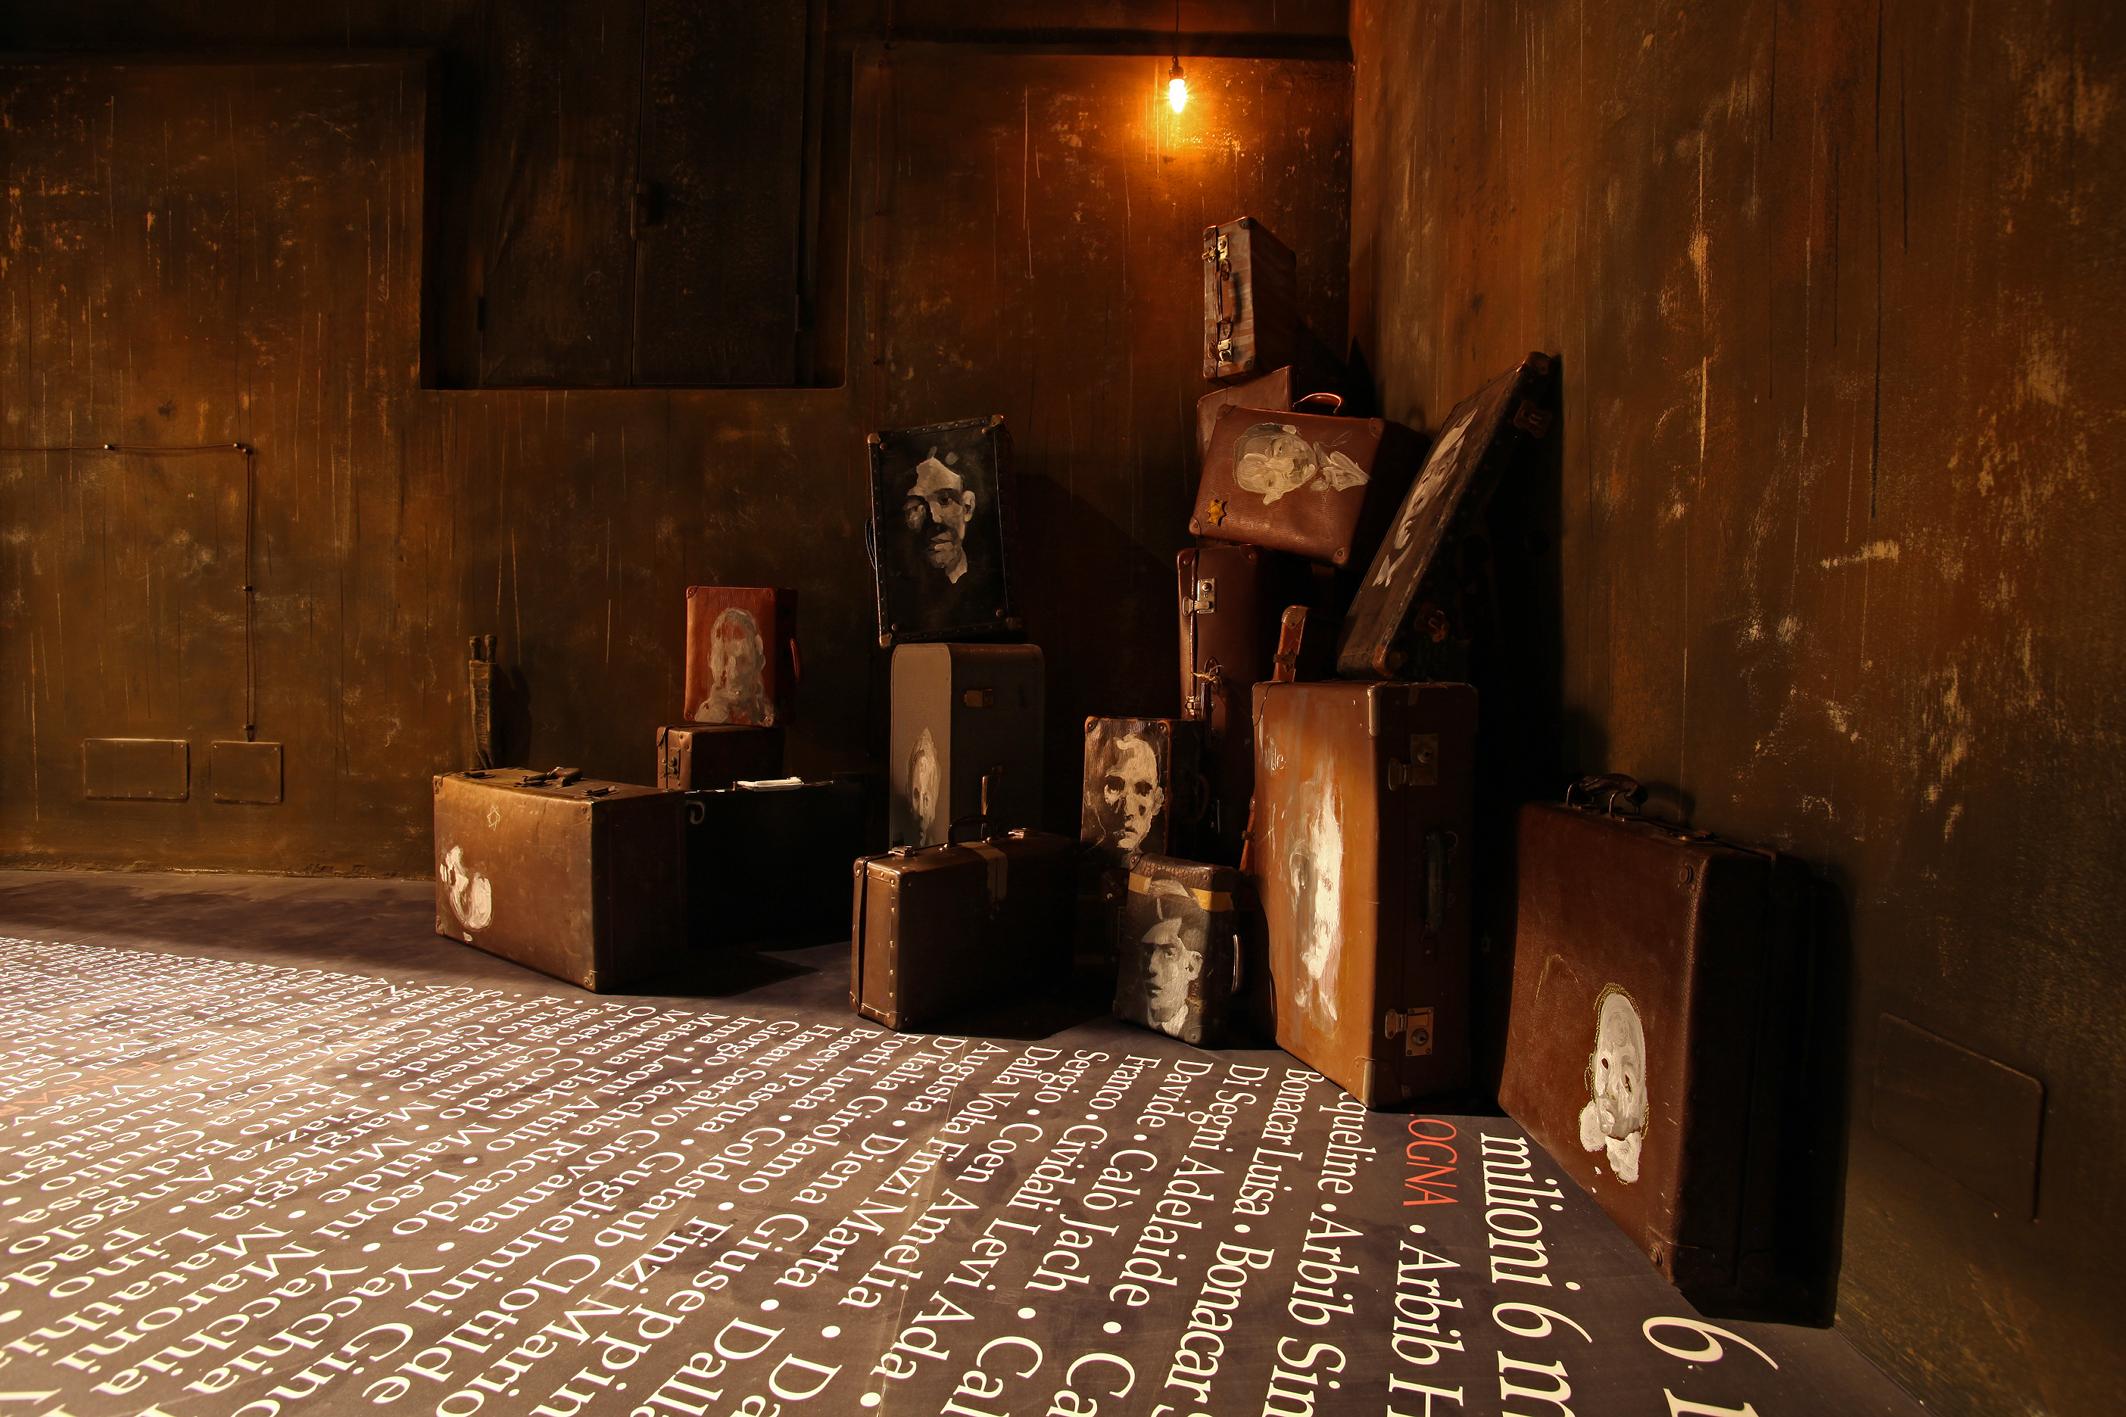 Rudy Cremonini, La vita la vediamo a memoria, 2012, installazione, tecnica mista dimensioni dettate dall'ambiente, Foto di Enrico Benedettelli, Courtesy Rudy Cremonini